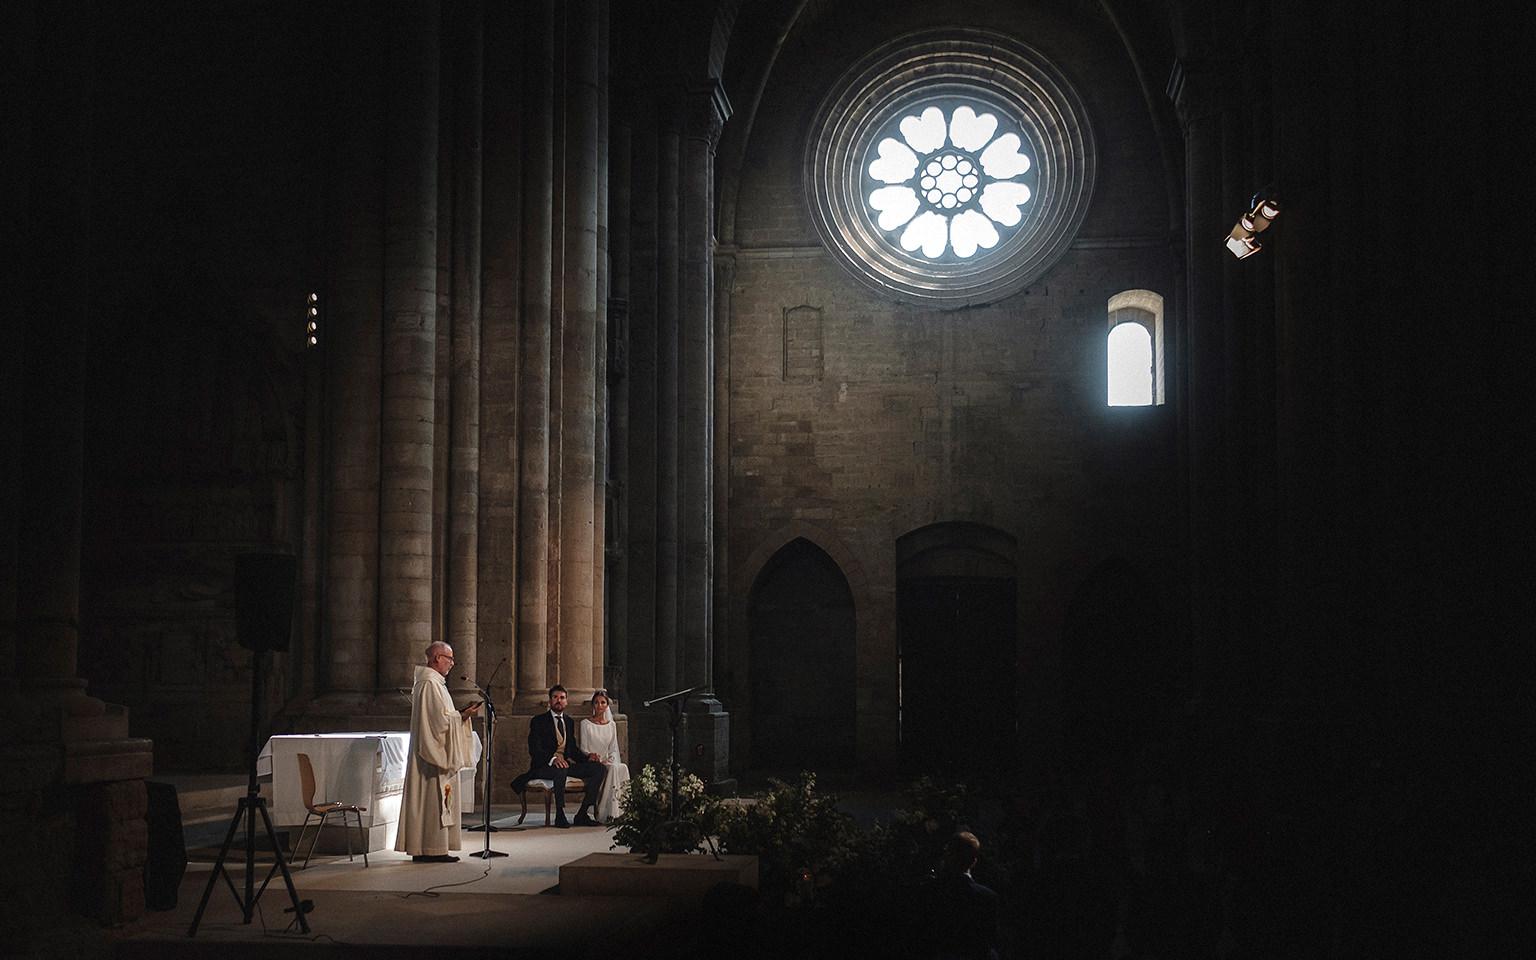 Cura bendiciendo a los novios en el altar